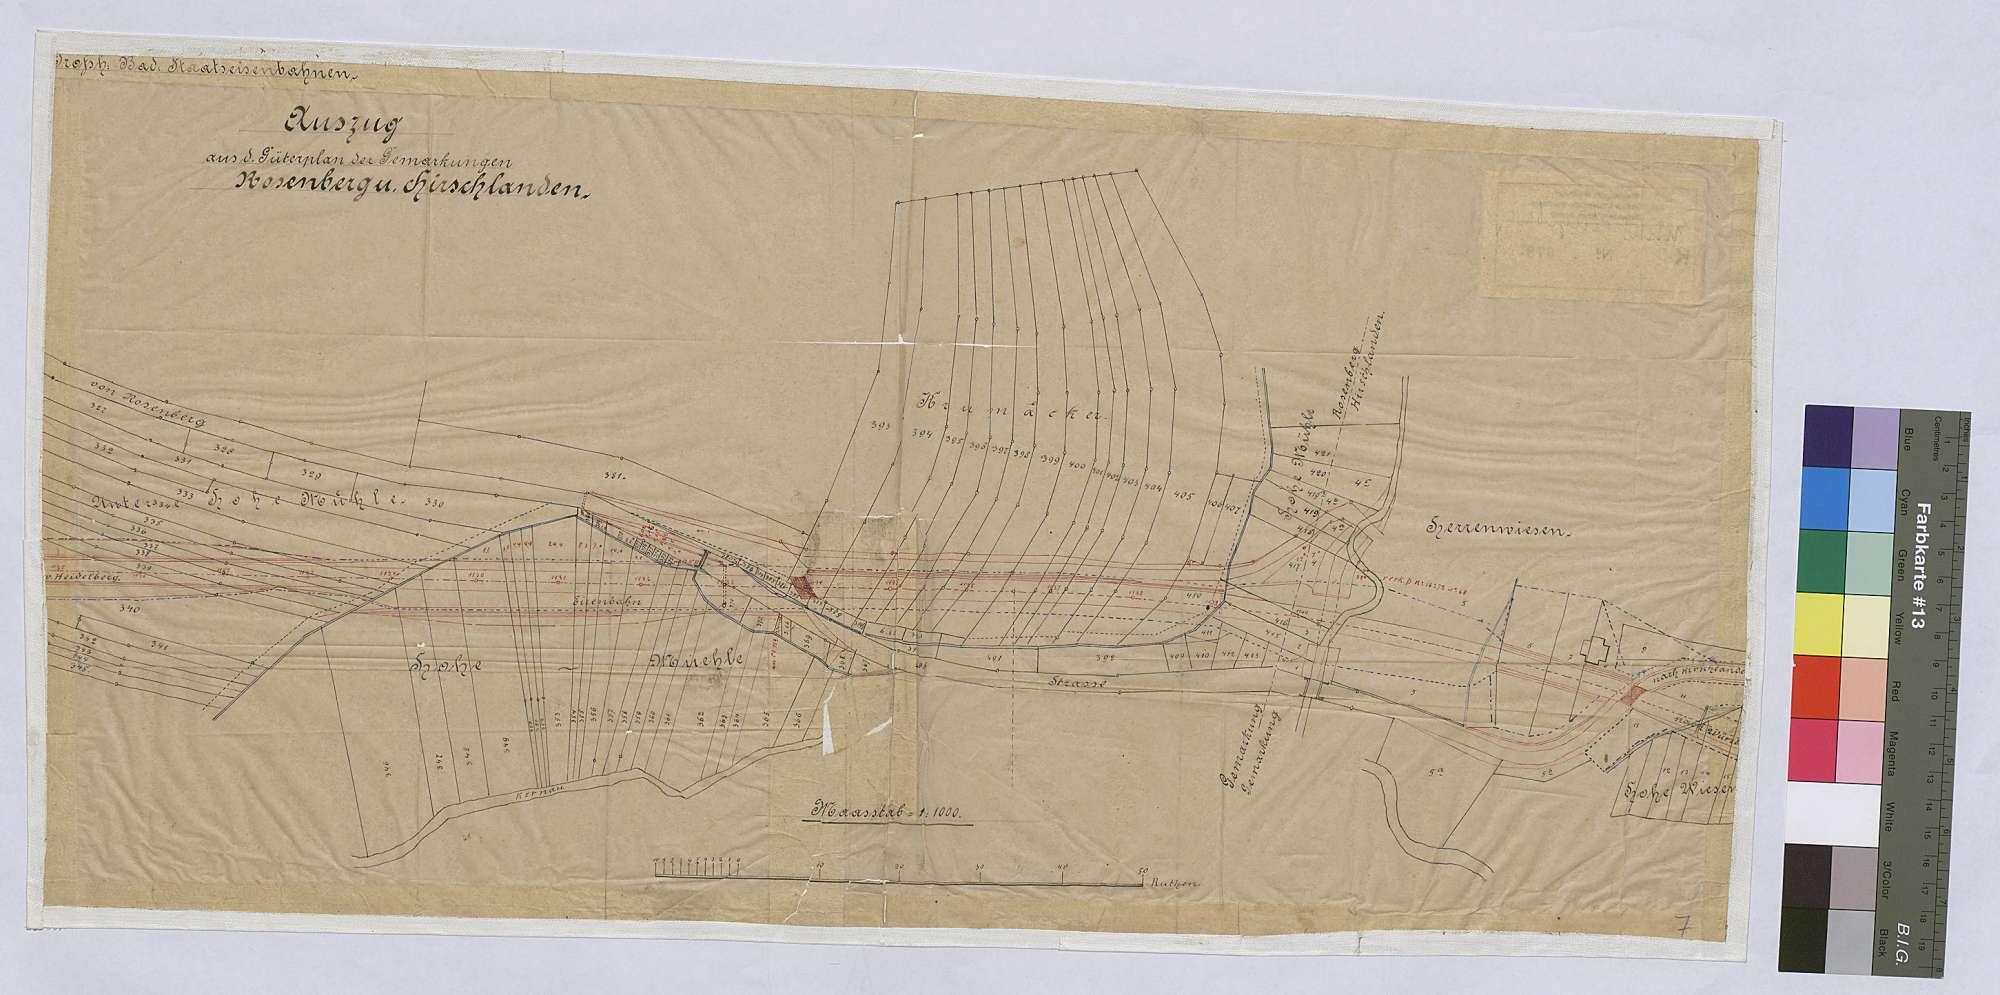 Auszug aus dem Güterplan der Gemarkung Rosenberg und Hirschlanden [zum Bau der Eisenbahnstrecke Osterburken - Lauda] (Inselkarte), Bild 1